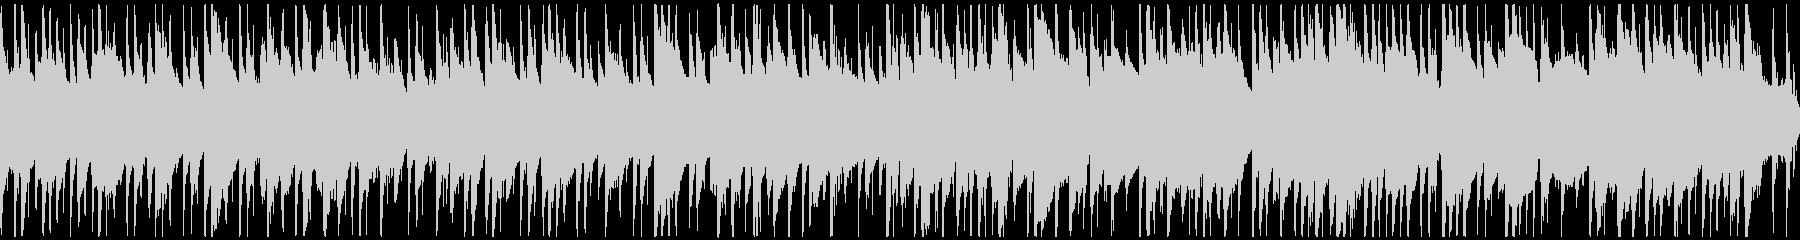 平和な雰囲気のBGM(ロング・ループ)の未再生の波形